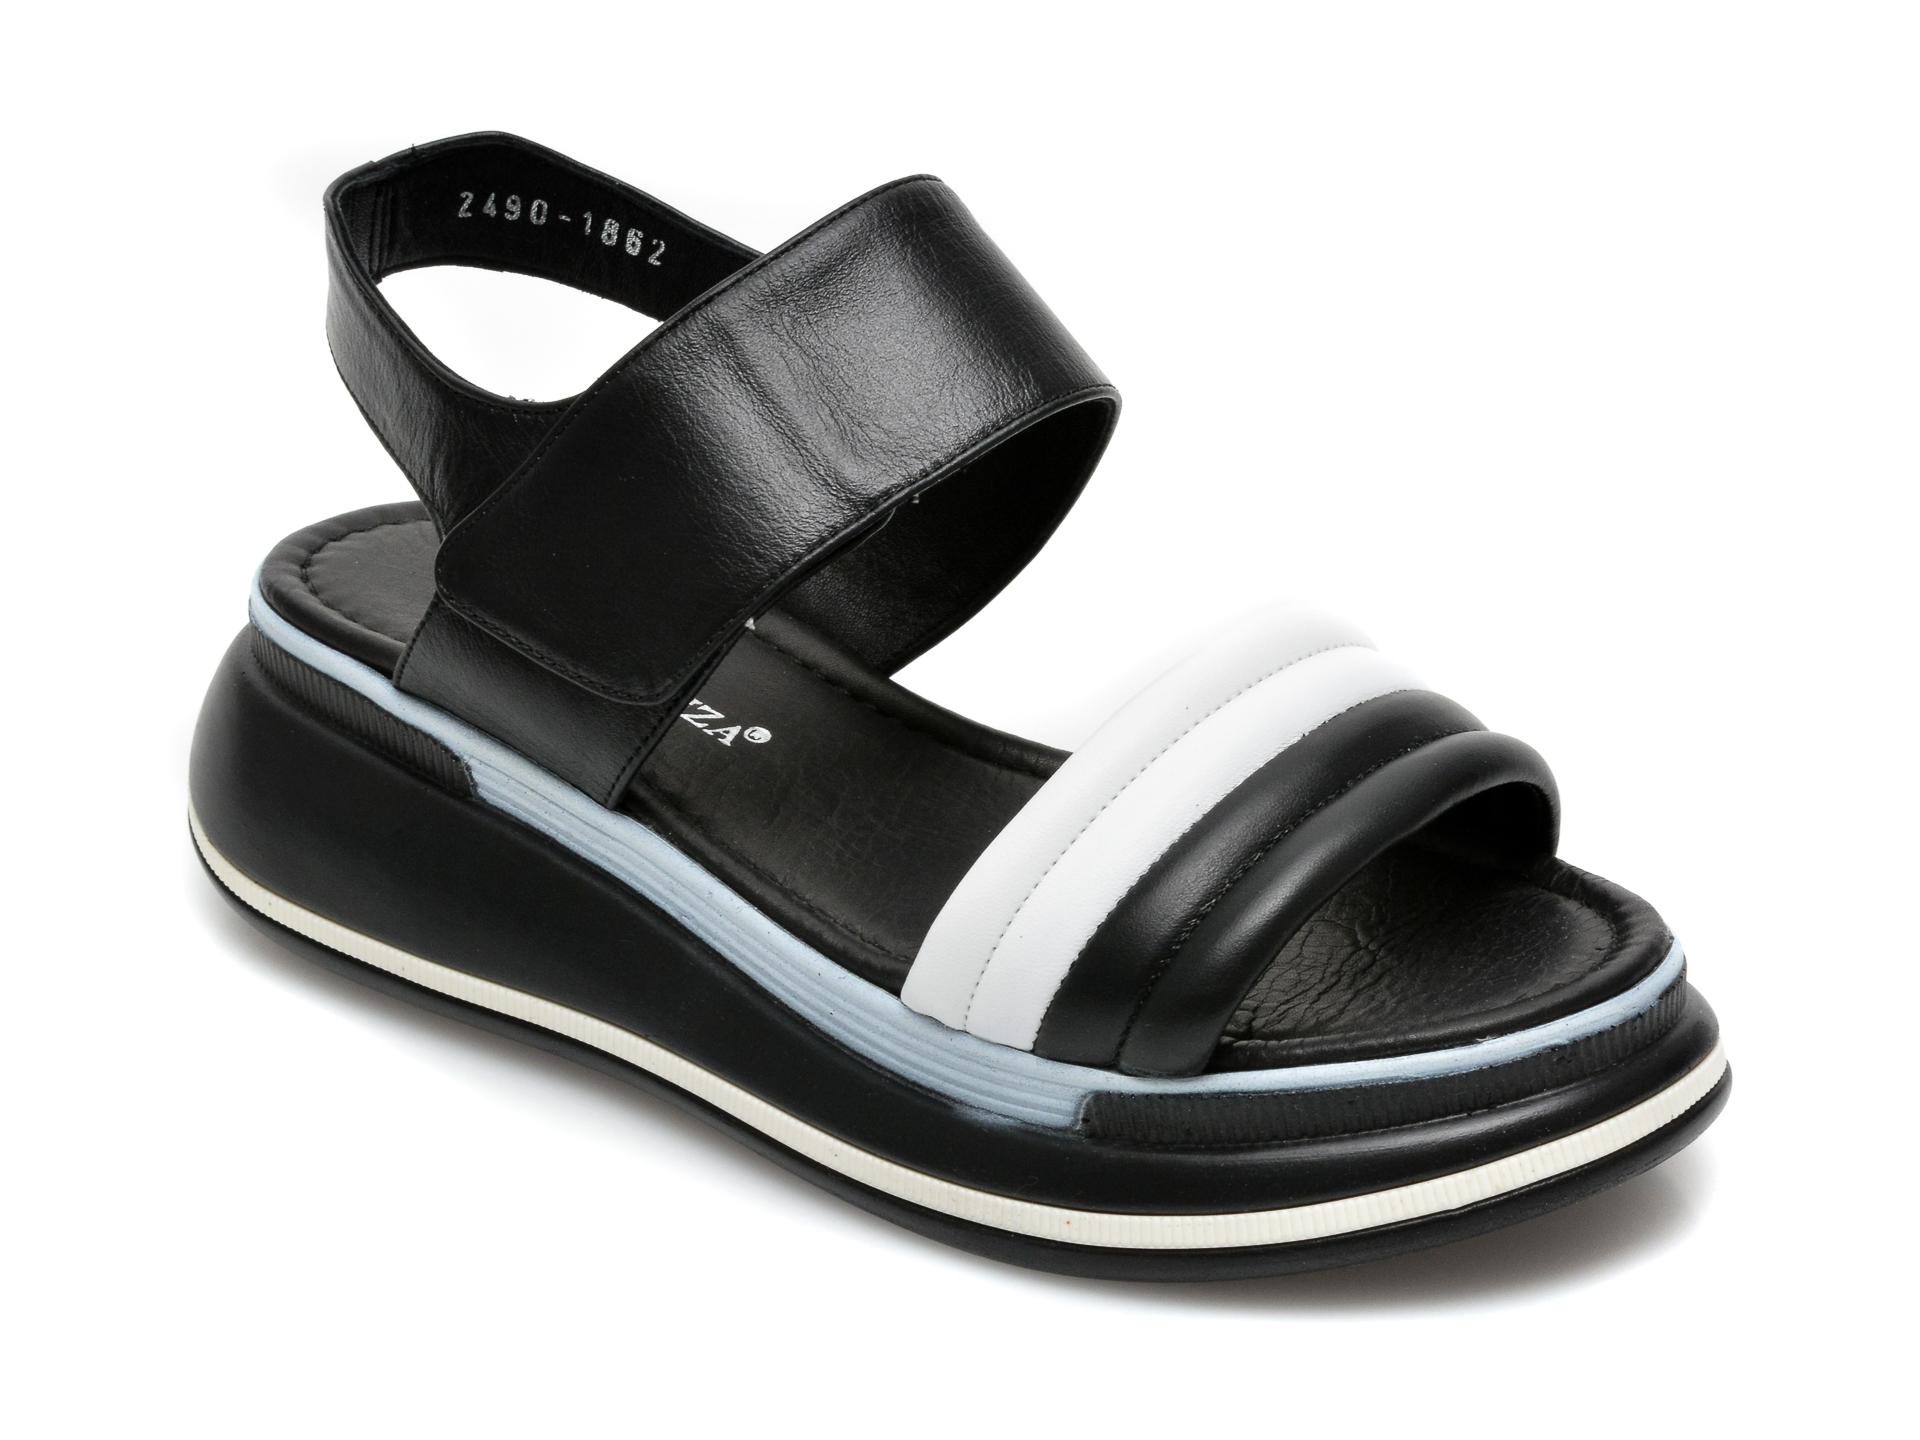 Sandale MISS LIZA alb-negru, 2490, din piele naturala